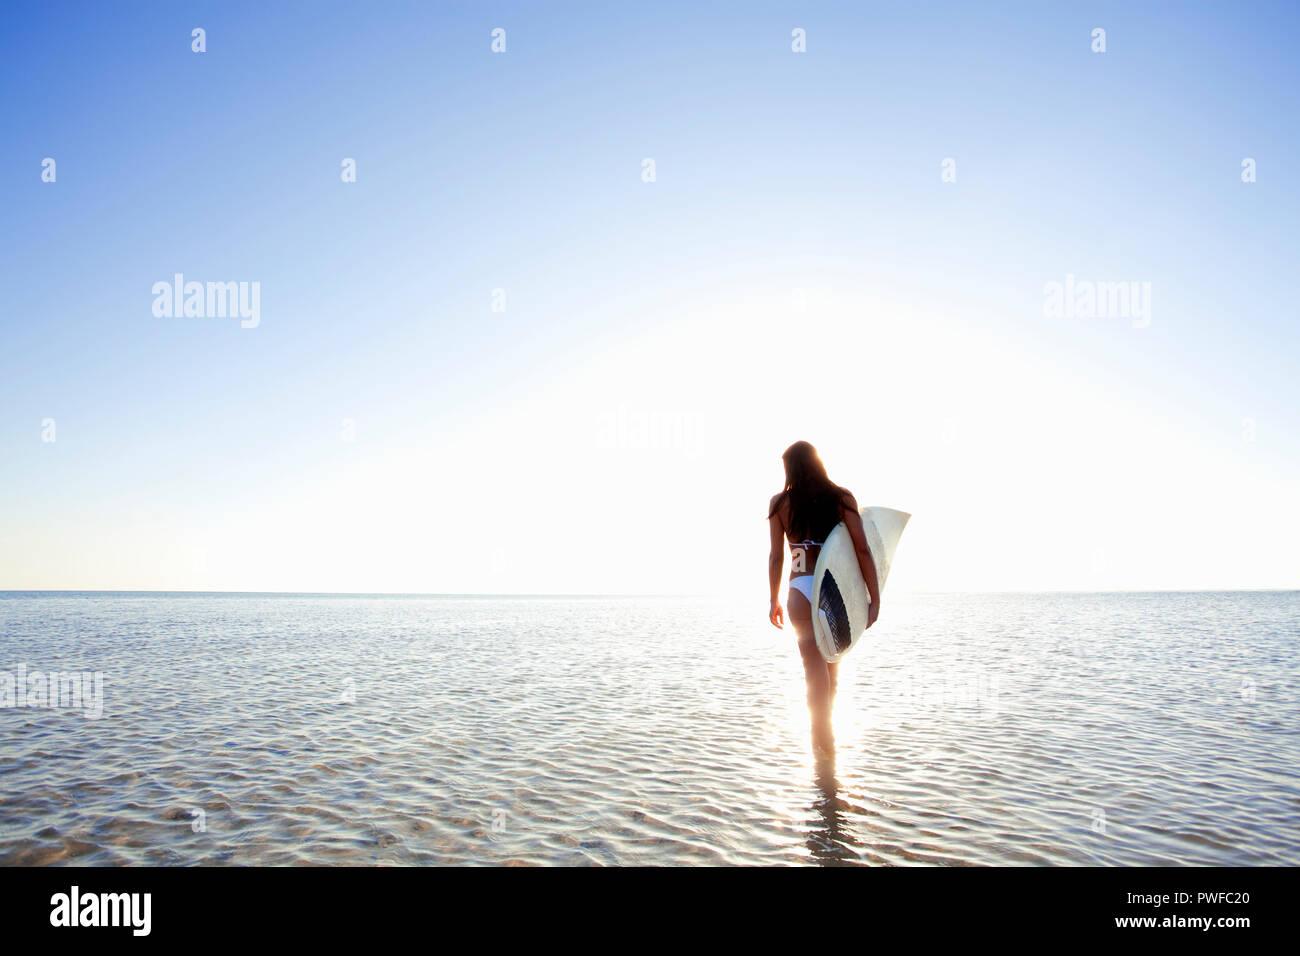 Woman in bikini at the beach, Miami, Florida, USA. - Stock Image